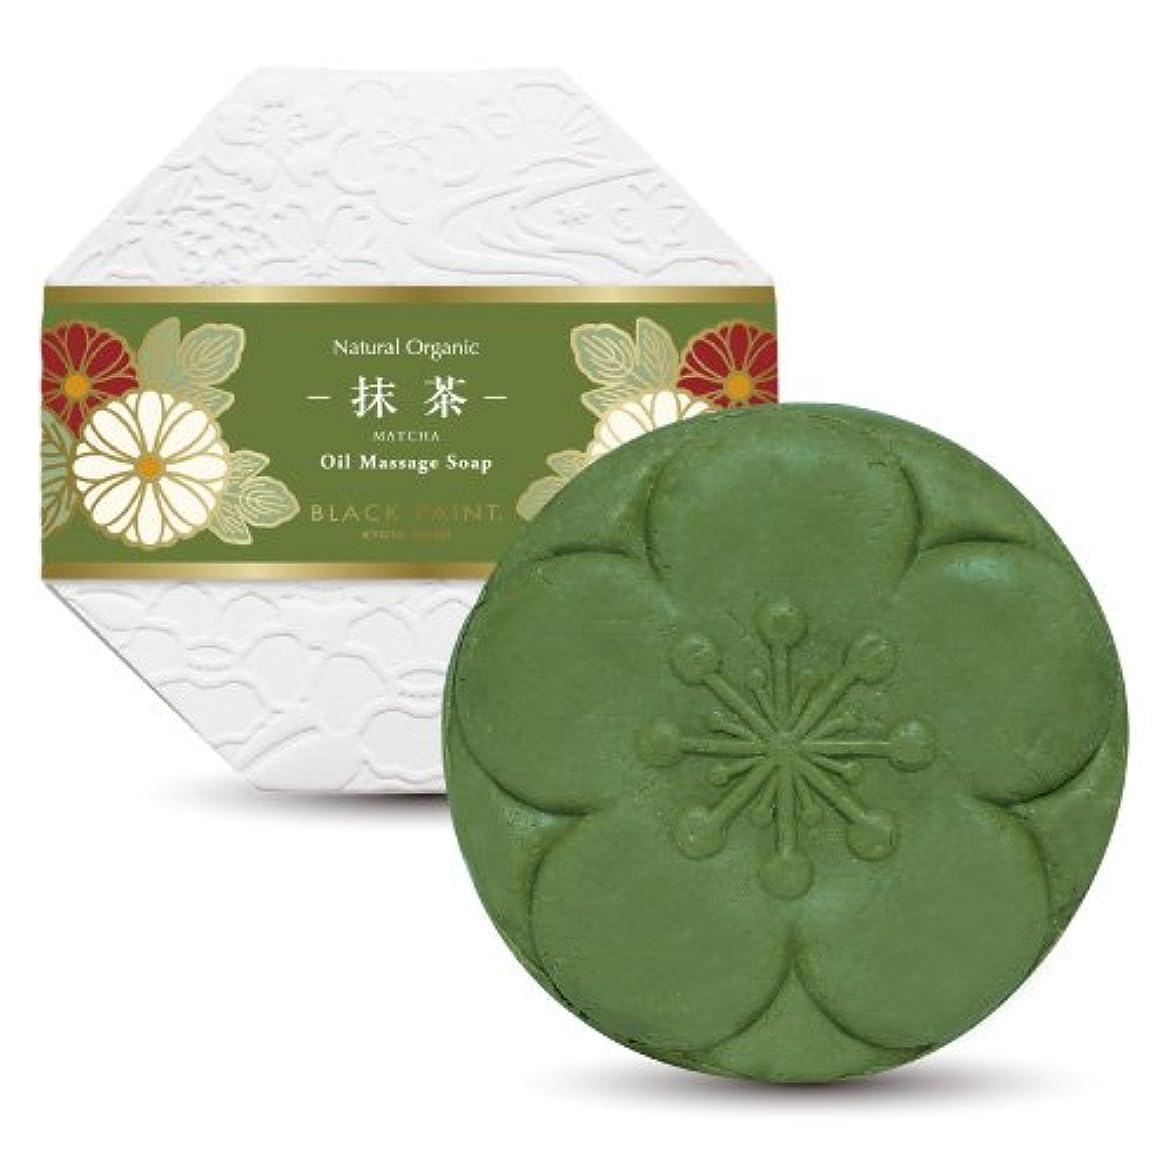 アンケート証明書テロ京のお茶石鹸 抹茶 120g 塗る石鹸